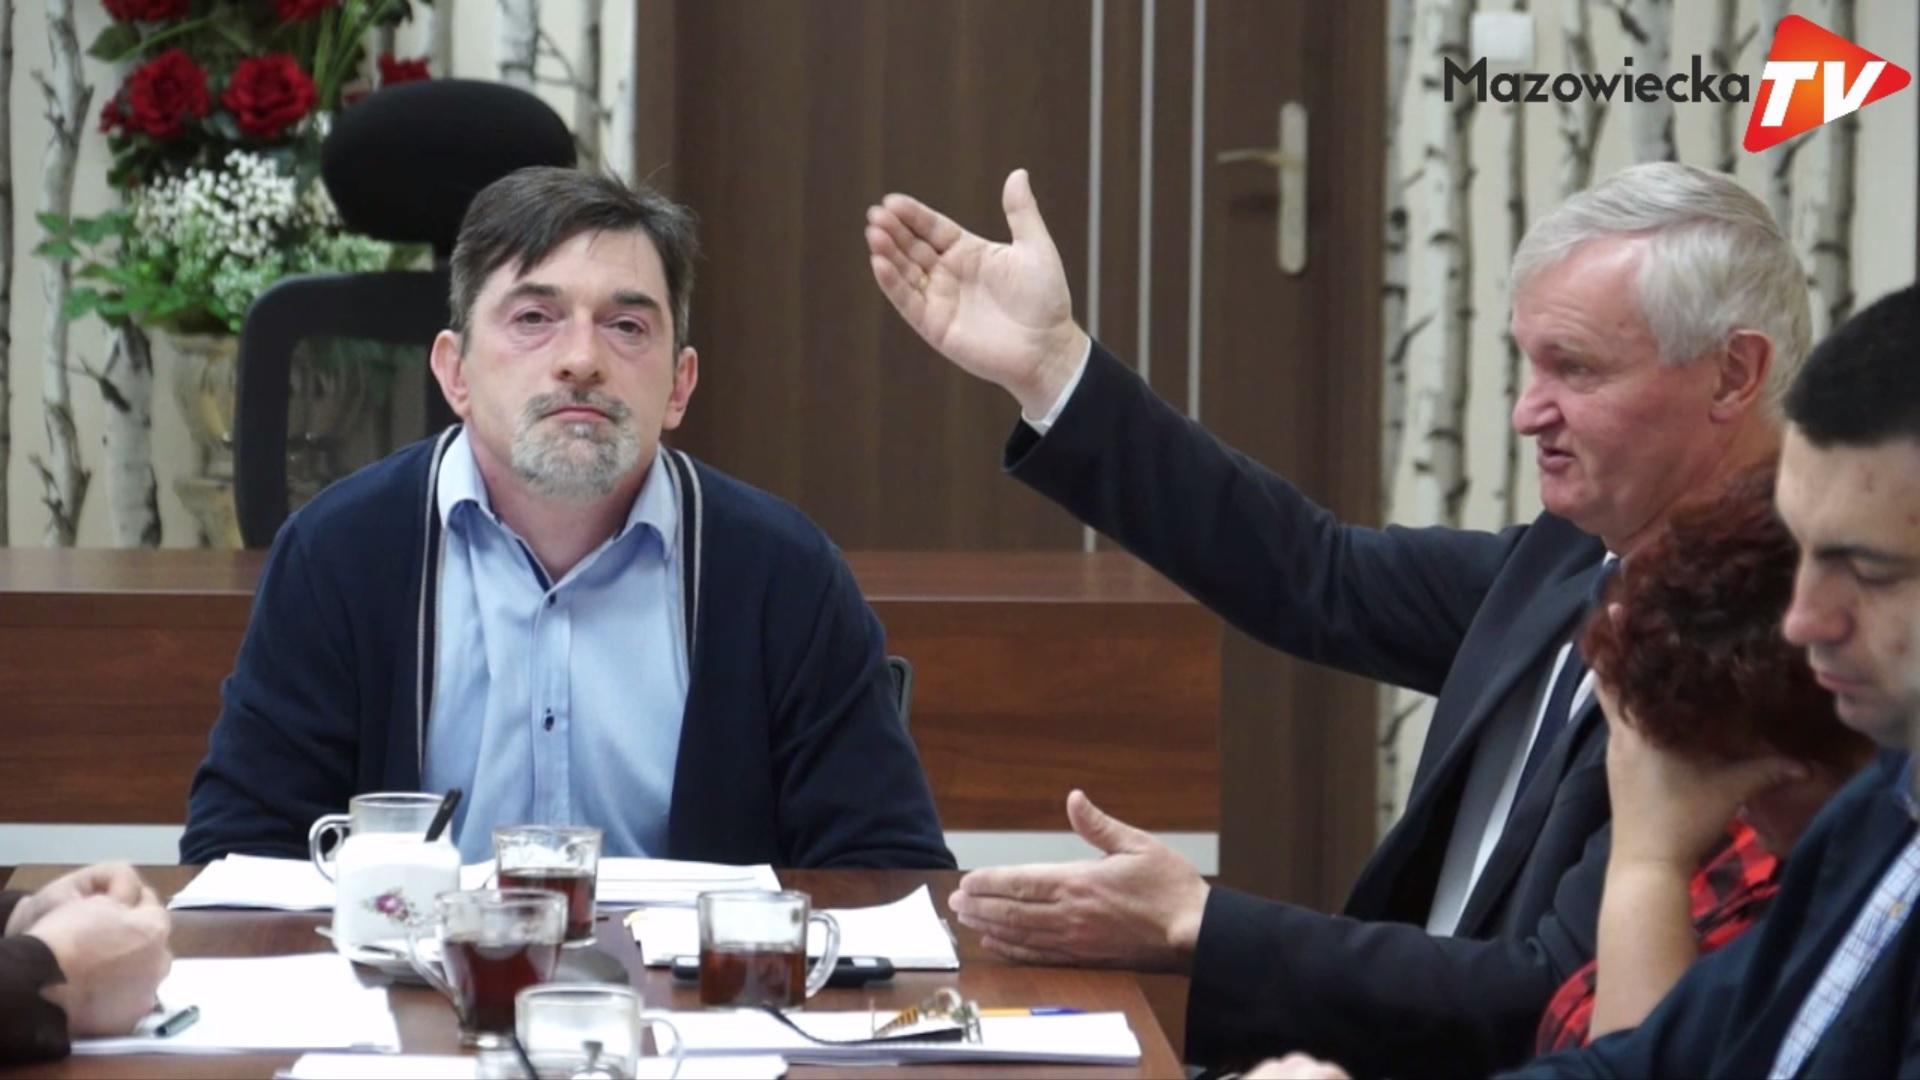 Posiedzenie Komisji Oświaty i Spraw Społecznych Rady Miejskiej w Mogielnicy - 16 stycznia 2019 r.